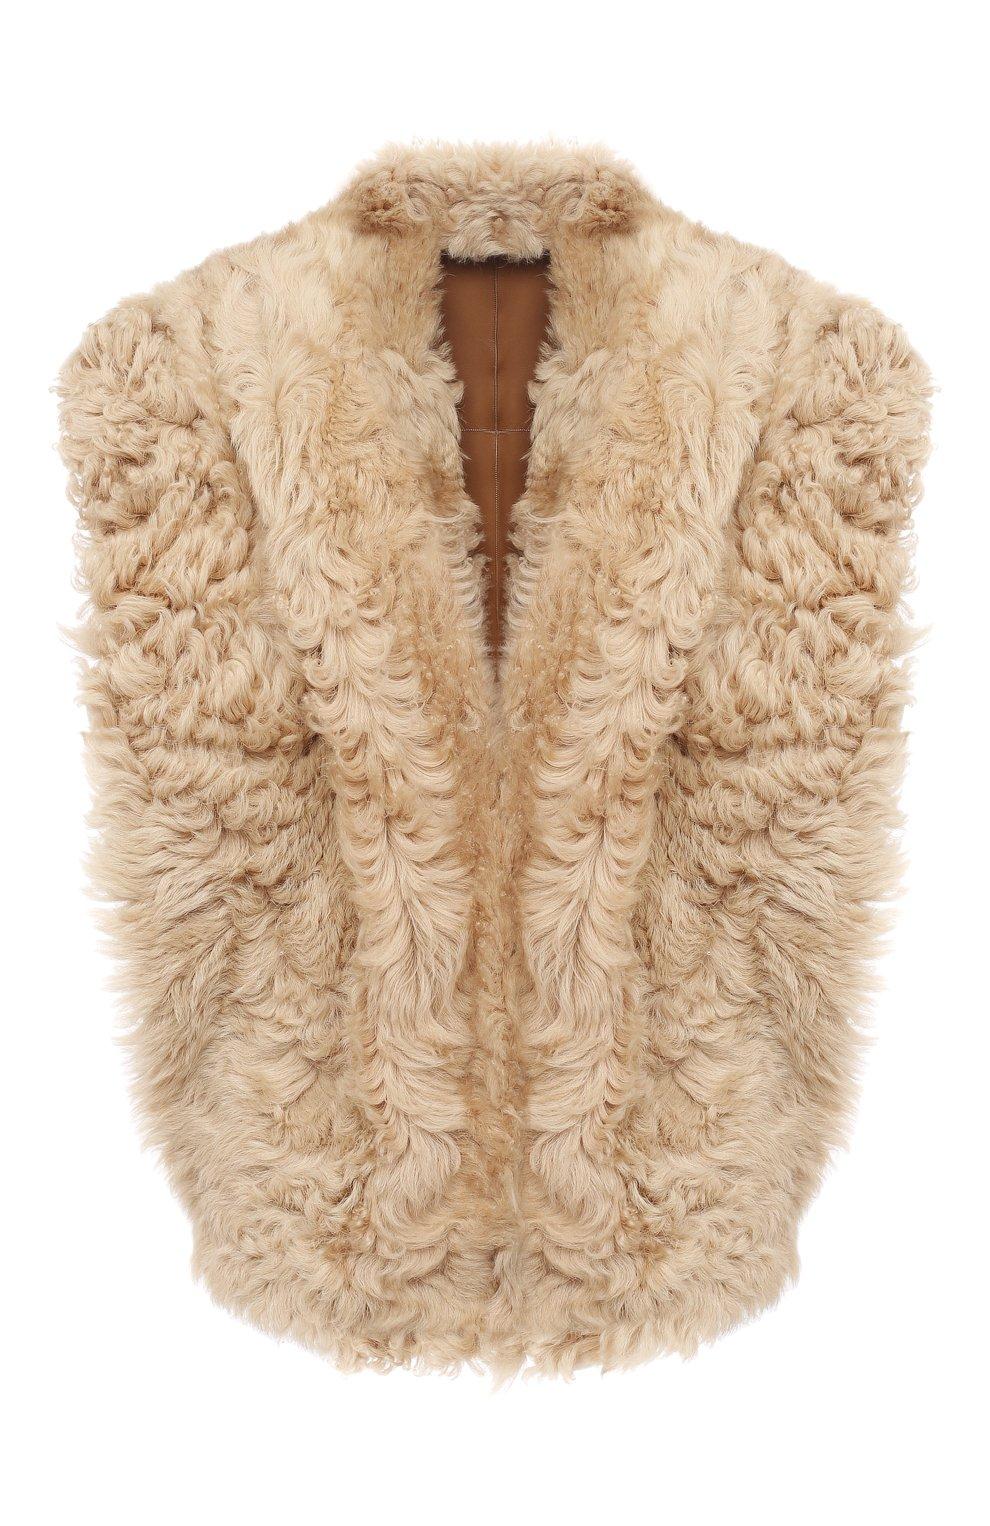 Женский меховой жилет ISABEL MARANT бежевого цвета, арт. MA0895-20H008I/ALLIE | Фото 1 (Женское Кросс-КТ: Мех, Жилет-одежда; Материал внешний: Натуральный мех; Длина (верхняя одежда): Короткие; Стили: Кэжуэл)